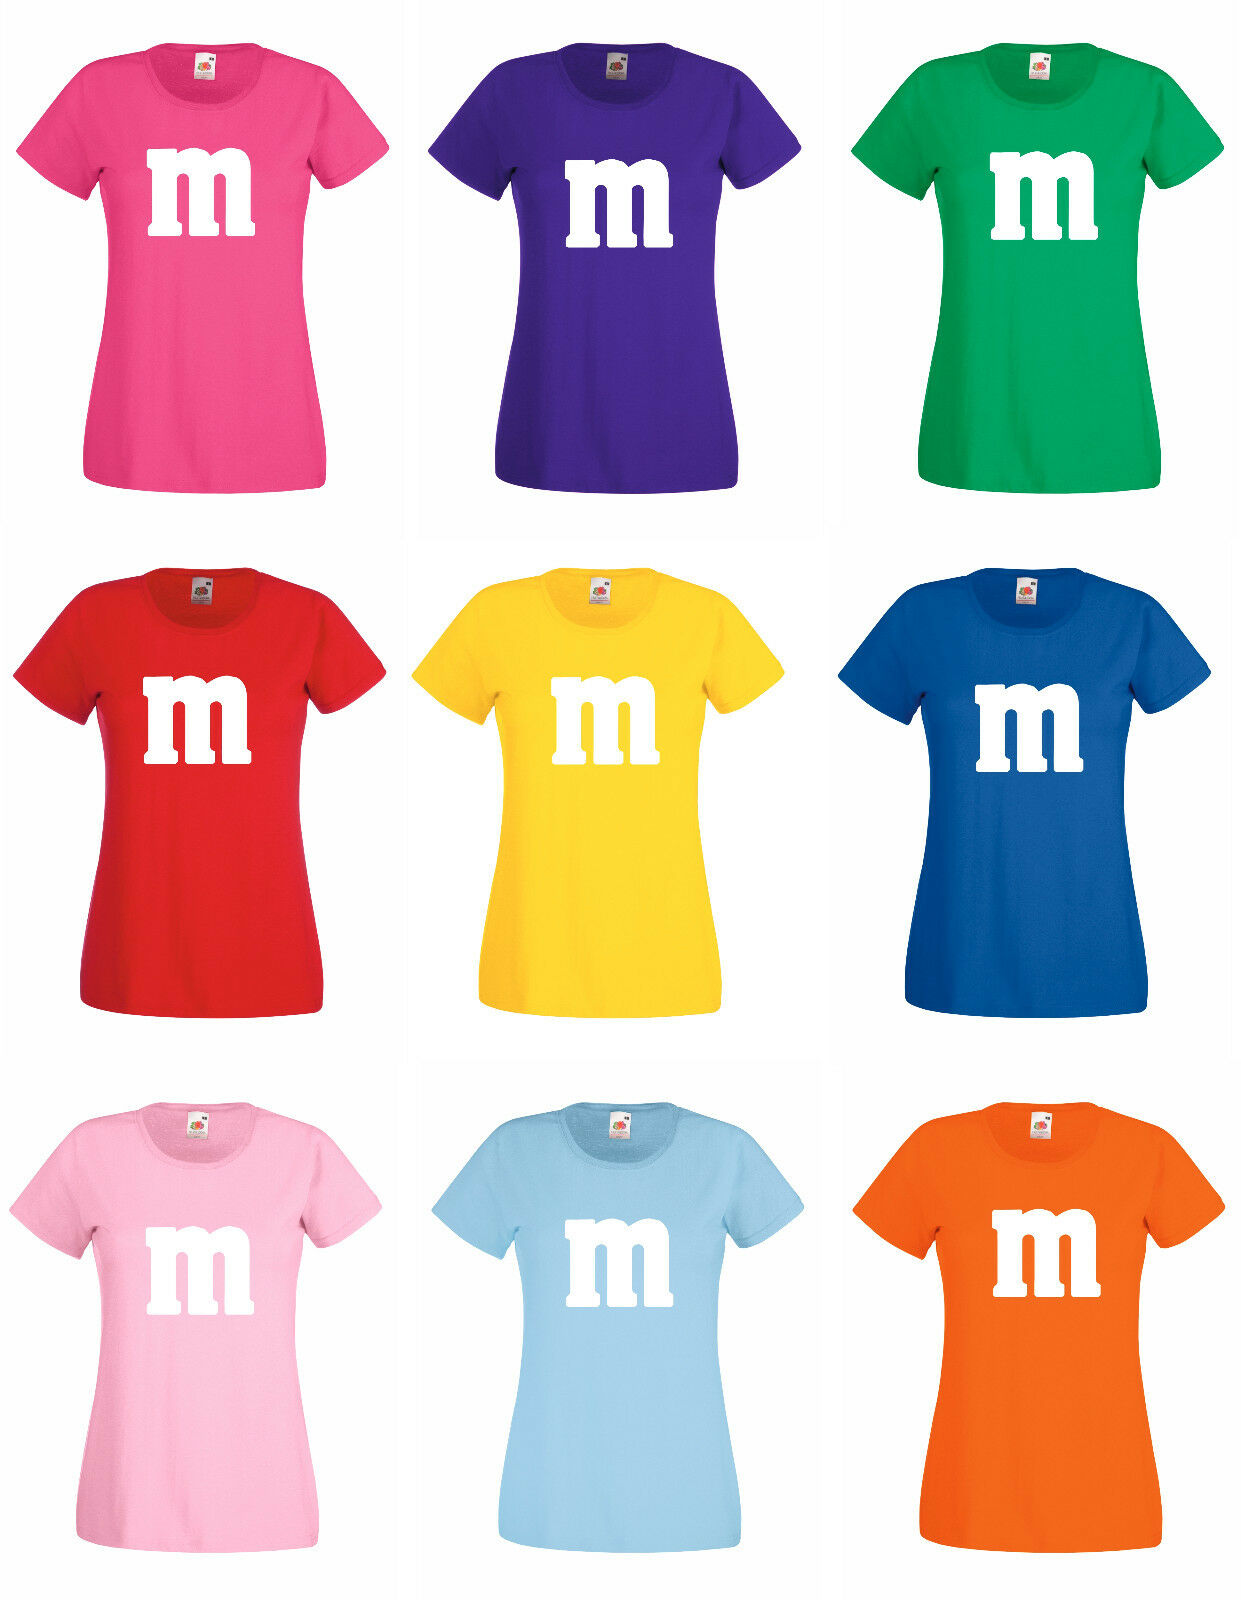 Gruppenkostüm oder Paarkostüm für M&M Fans Karneval oder Fasching Damen/Herren